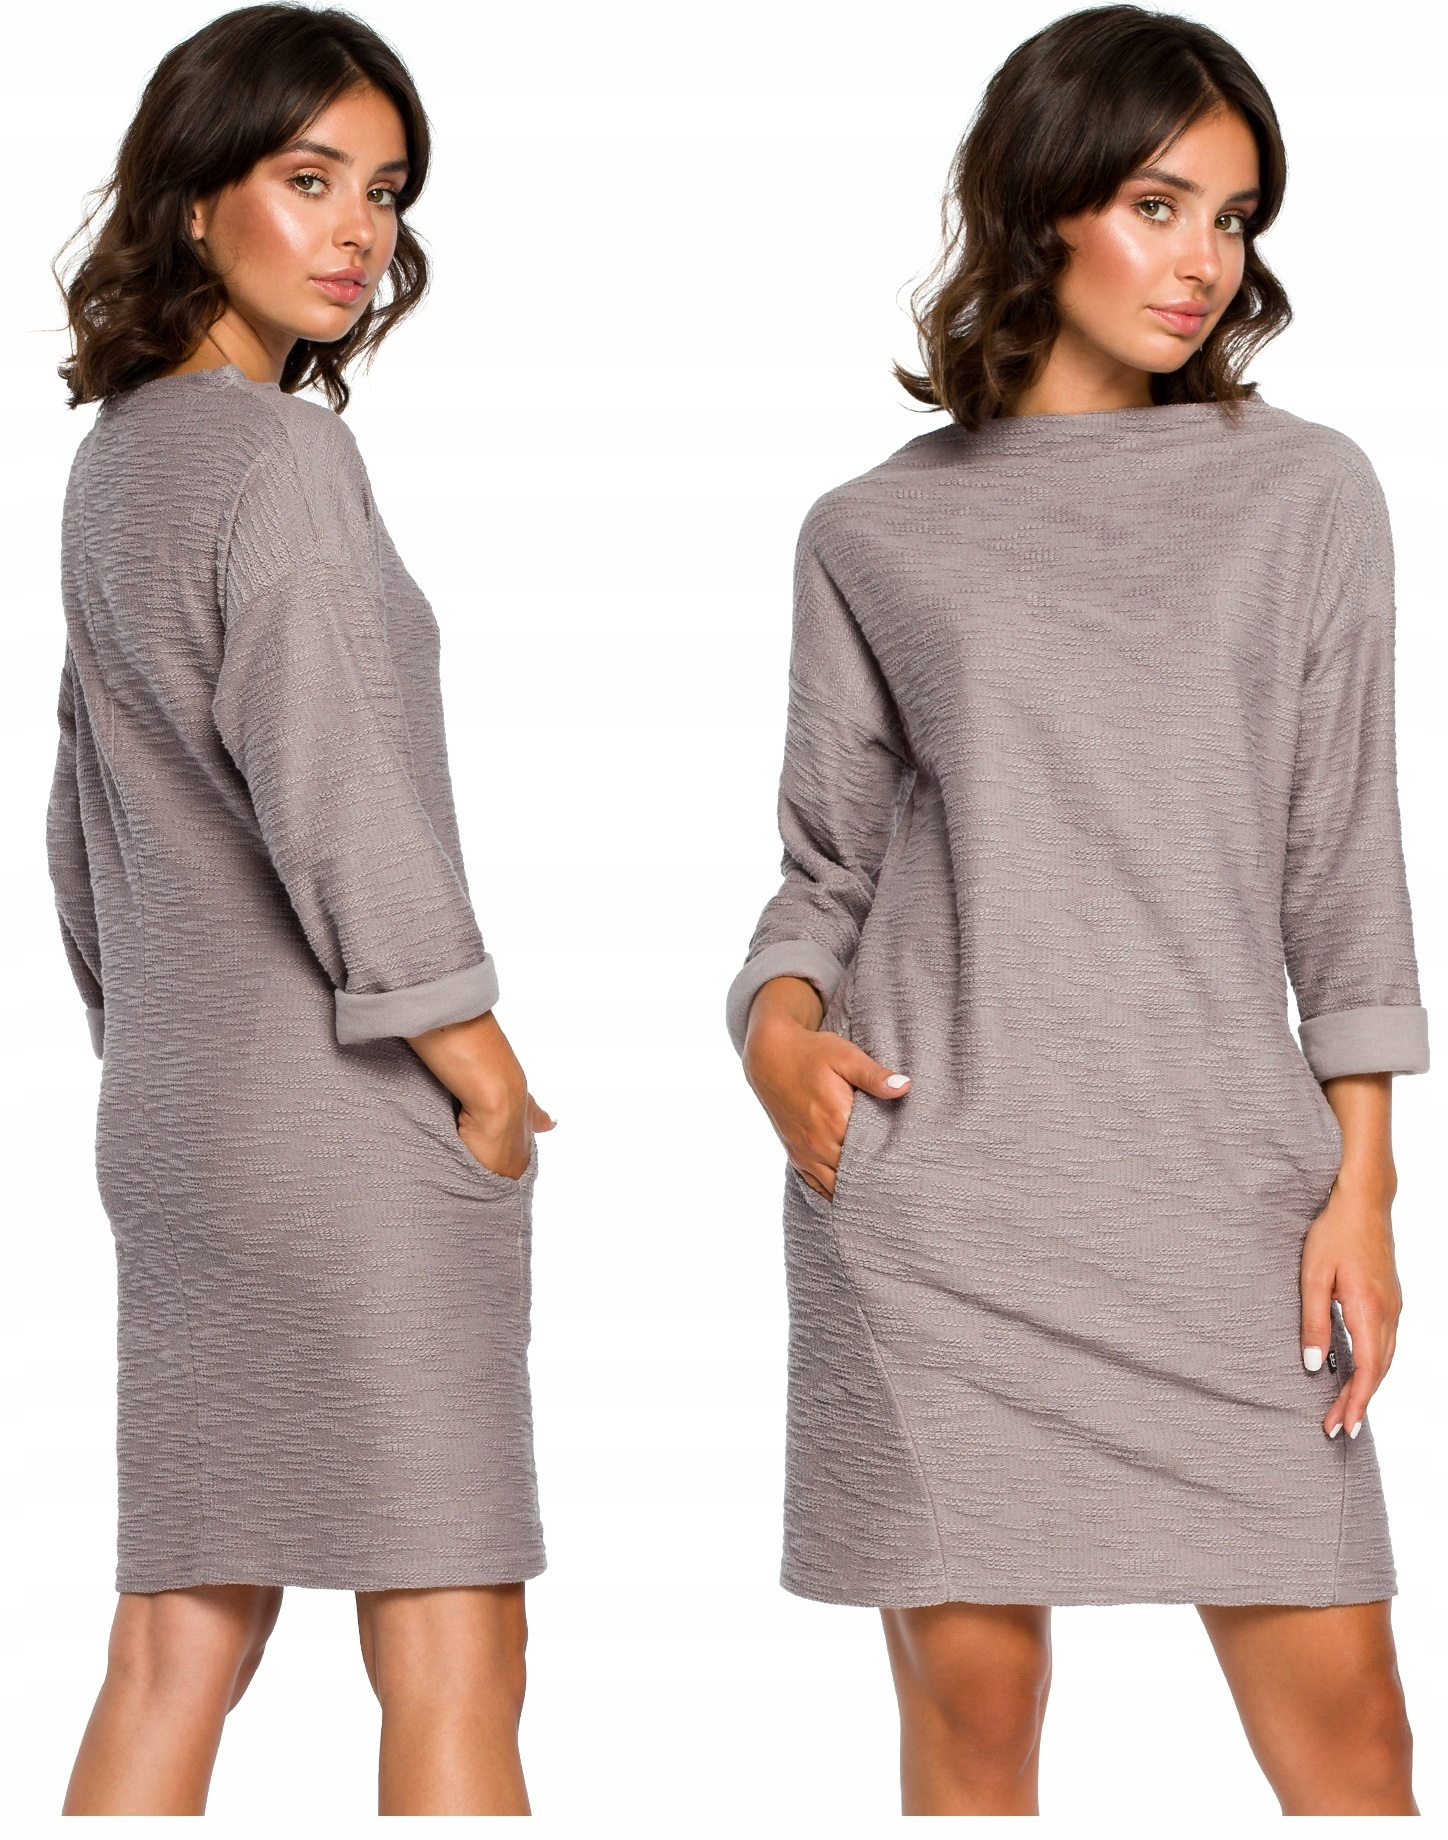 Dresowa Sukienka Trapezowa Z Kieszeniami 36